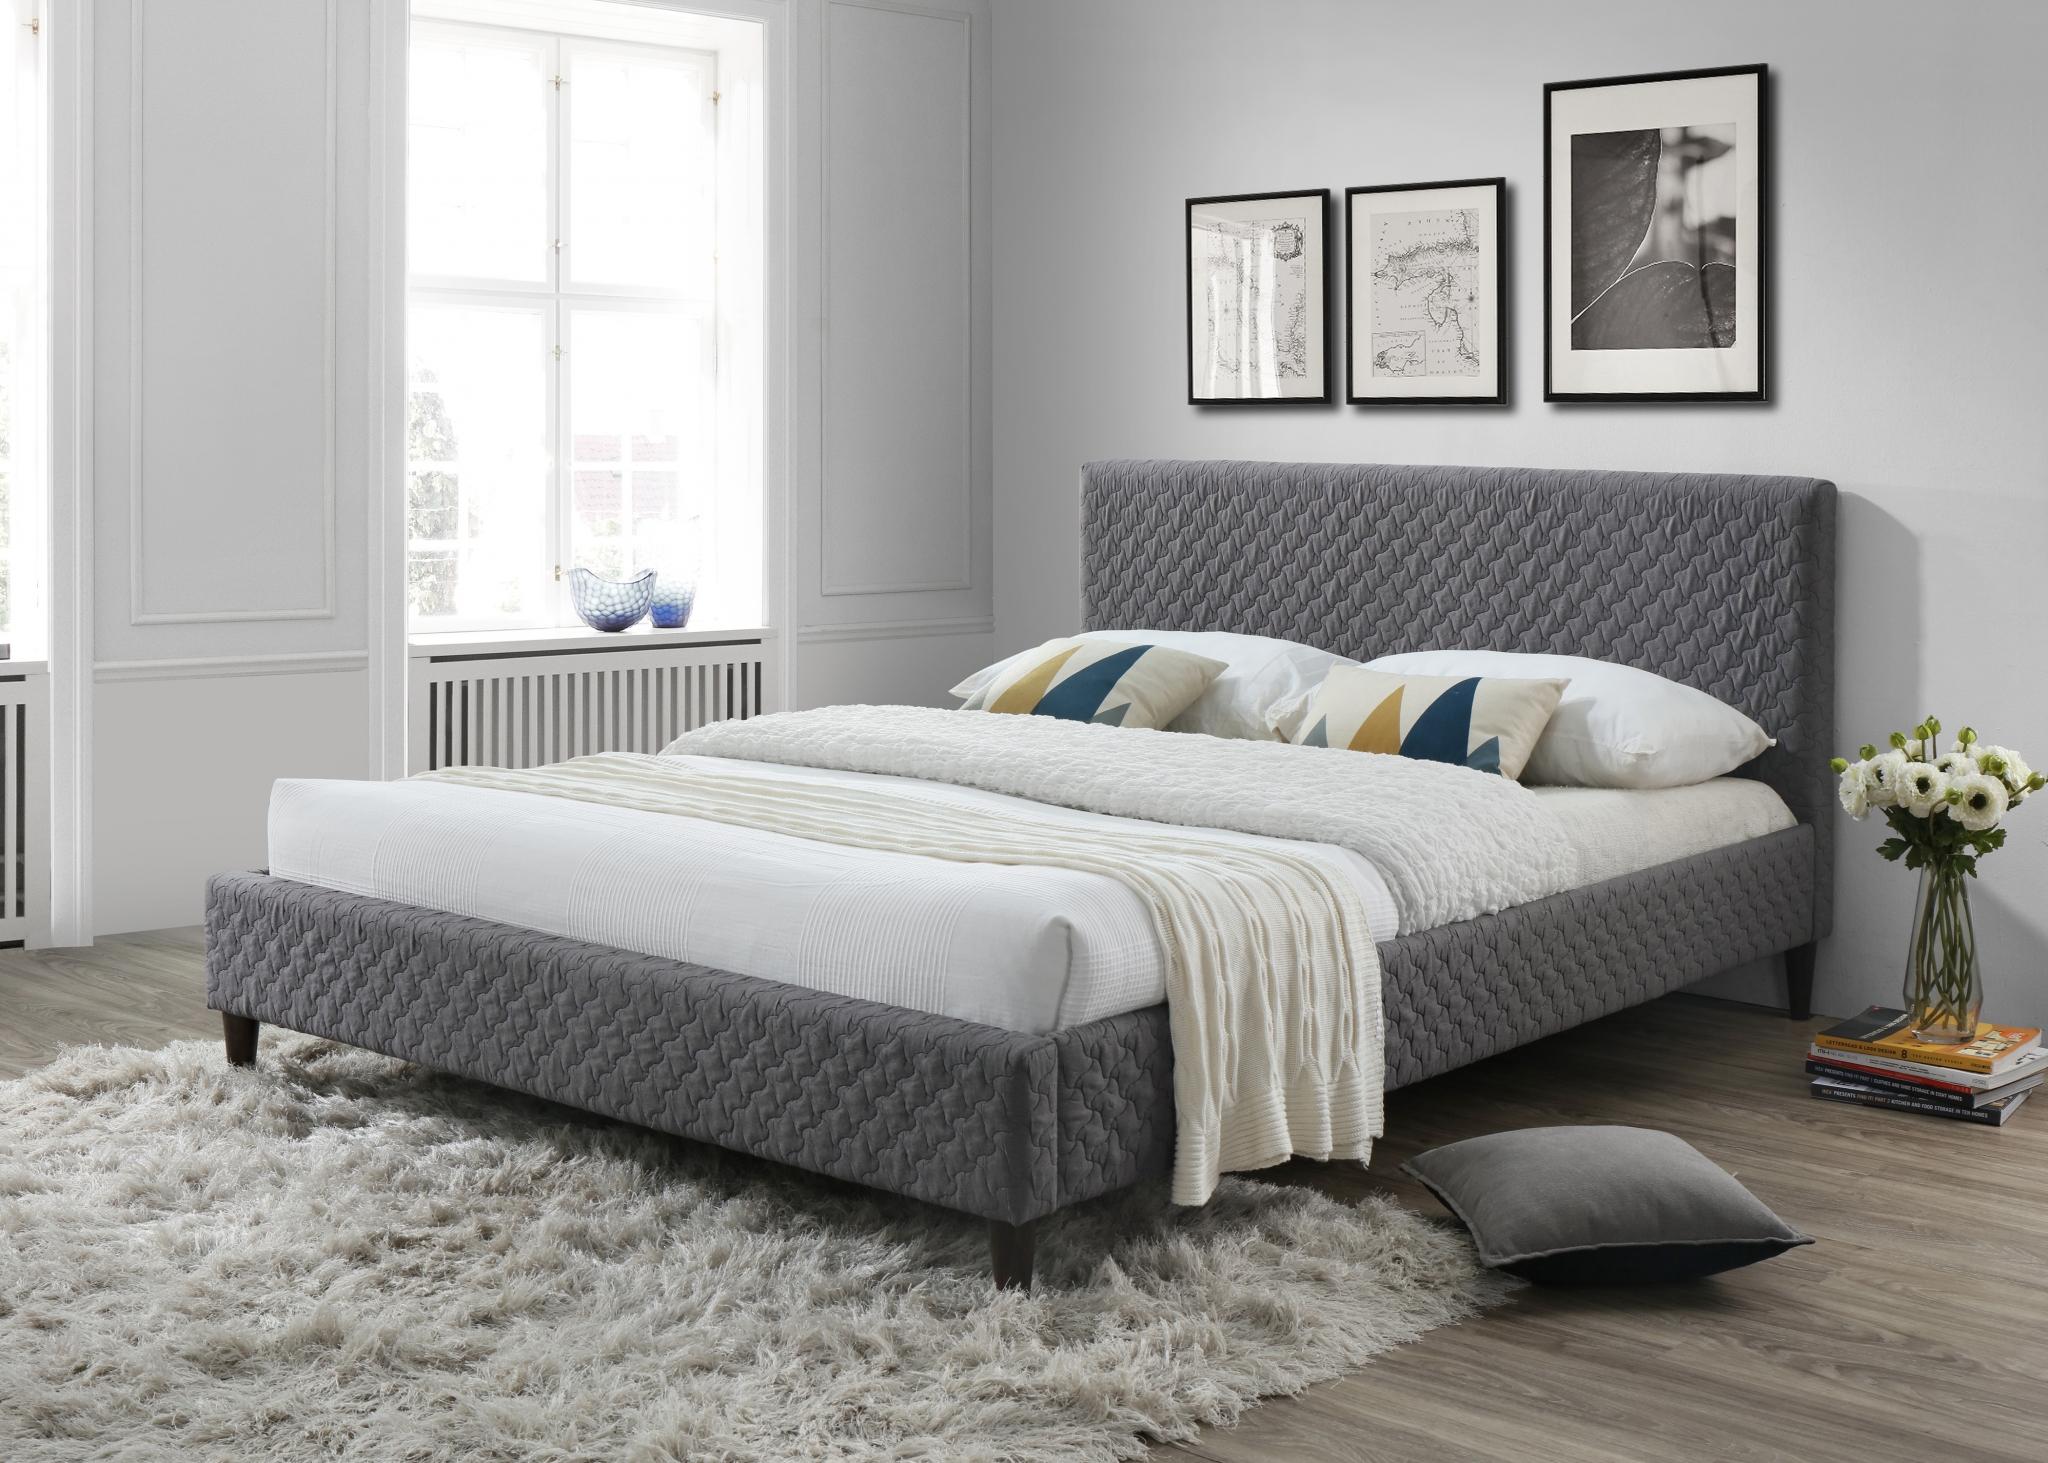 купить американскую кровать Isabel Queen Size Gramercy Home